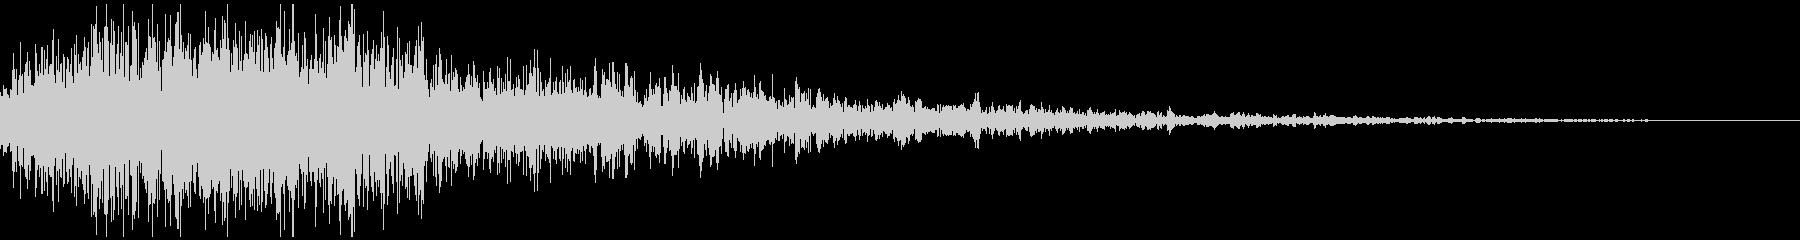 ロボット足音 タイプ1の未再生の波形